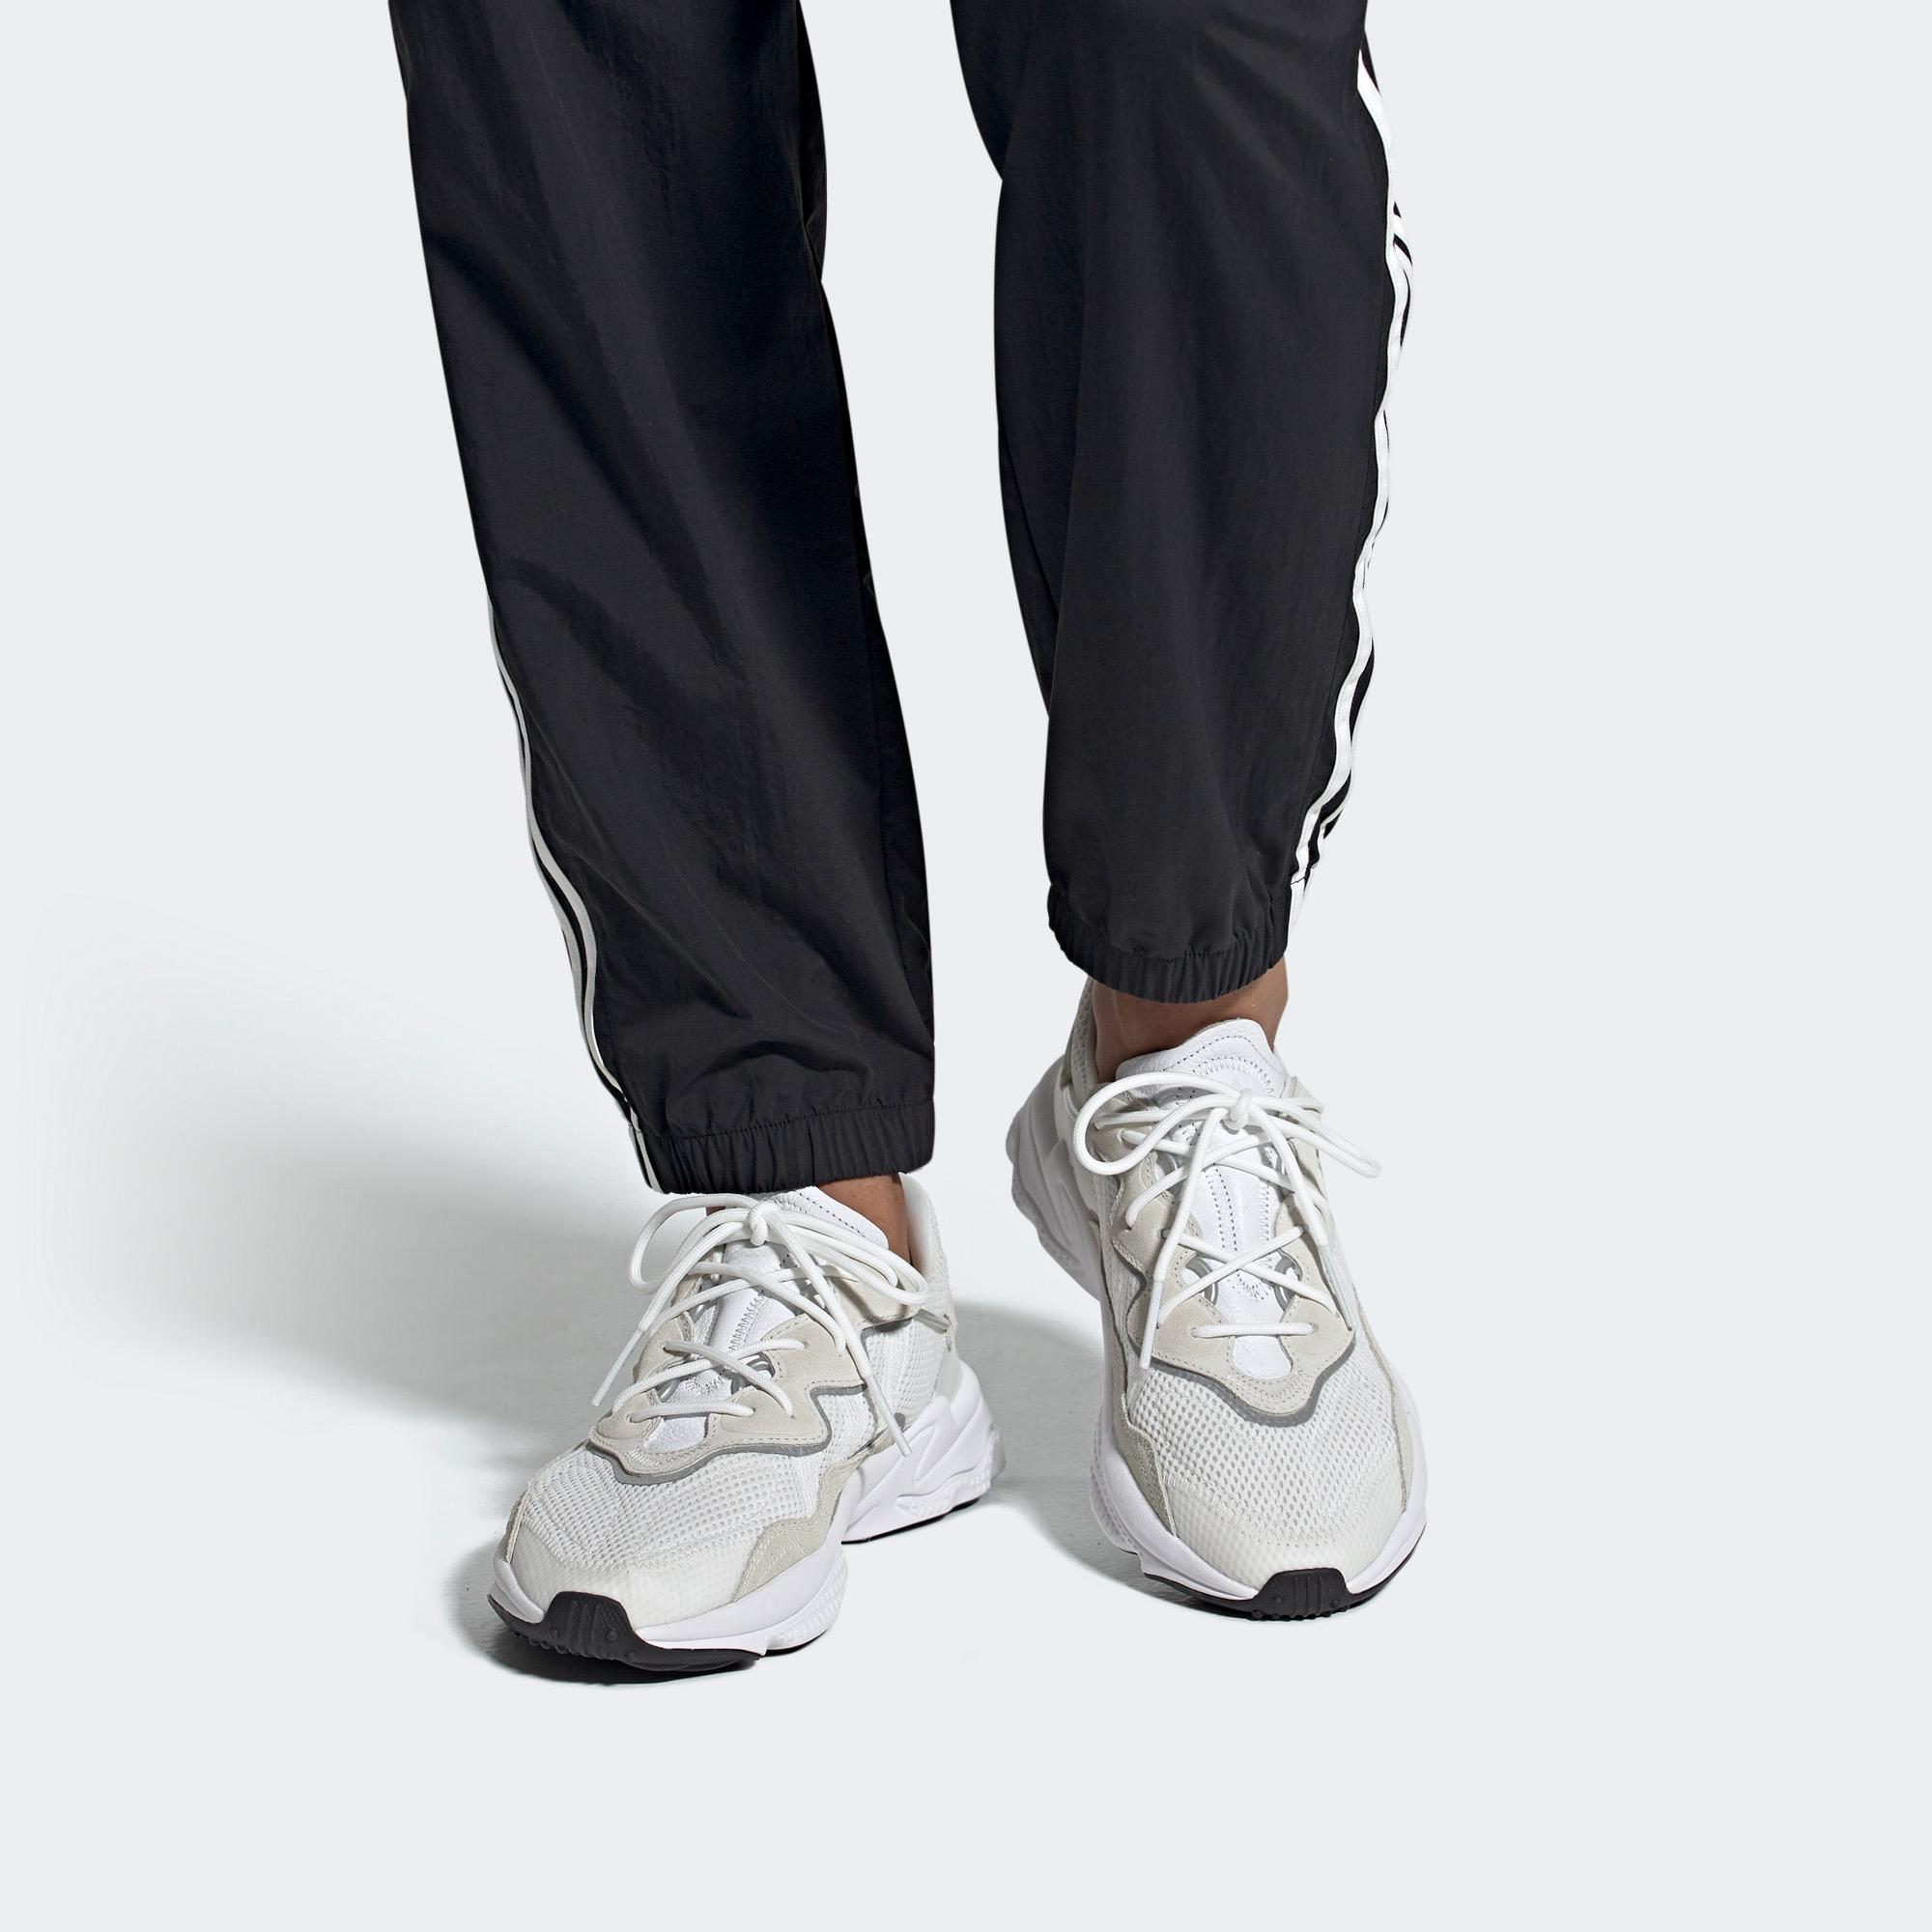 adidas Ozweego Unisex Beyaz Spor Ayakkabı